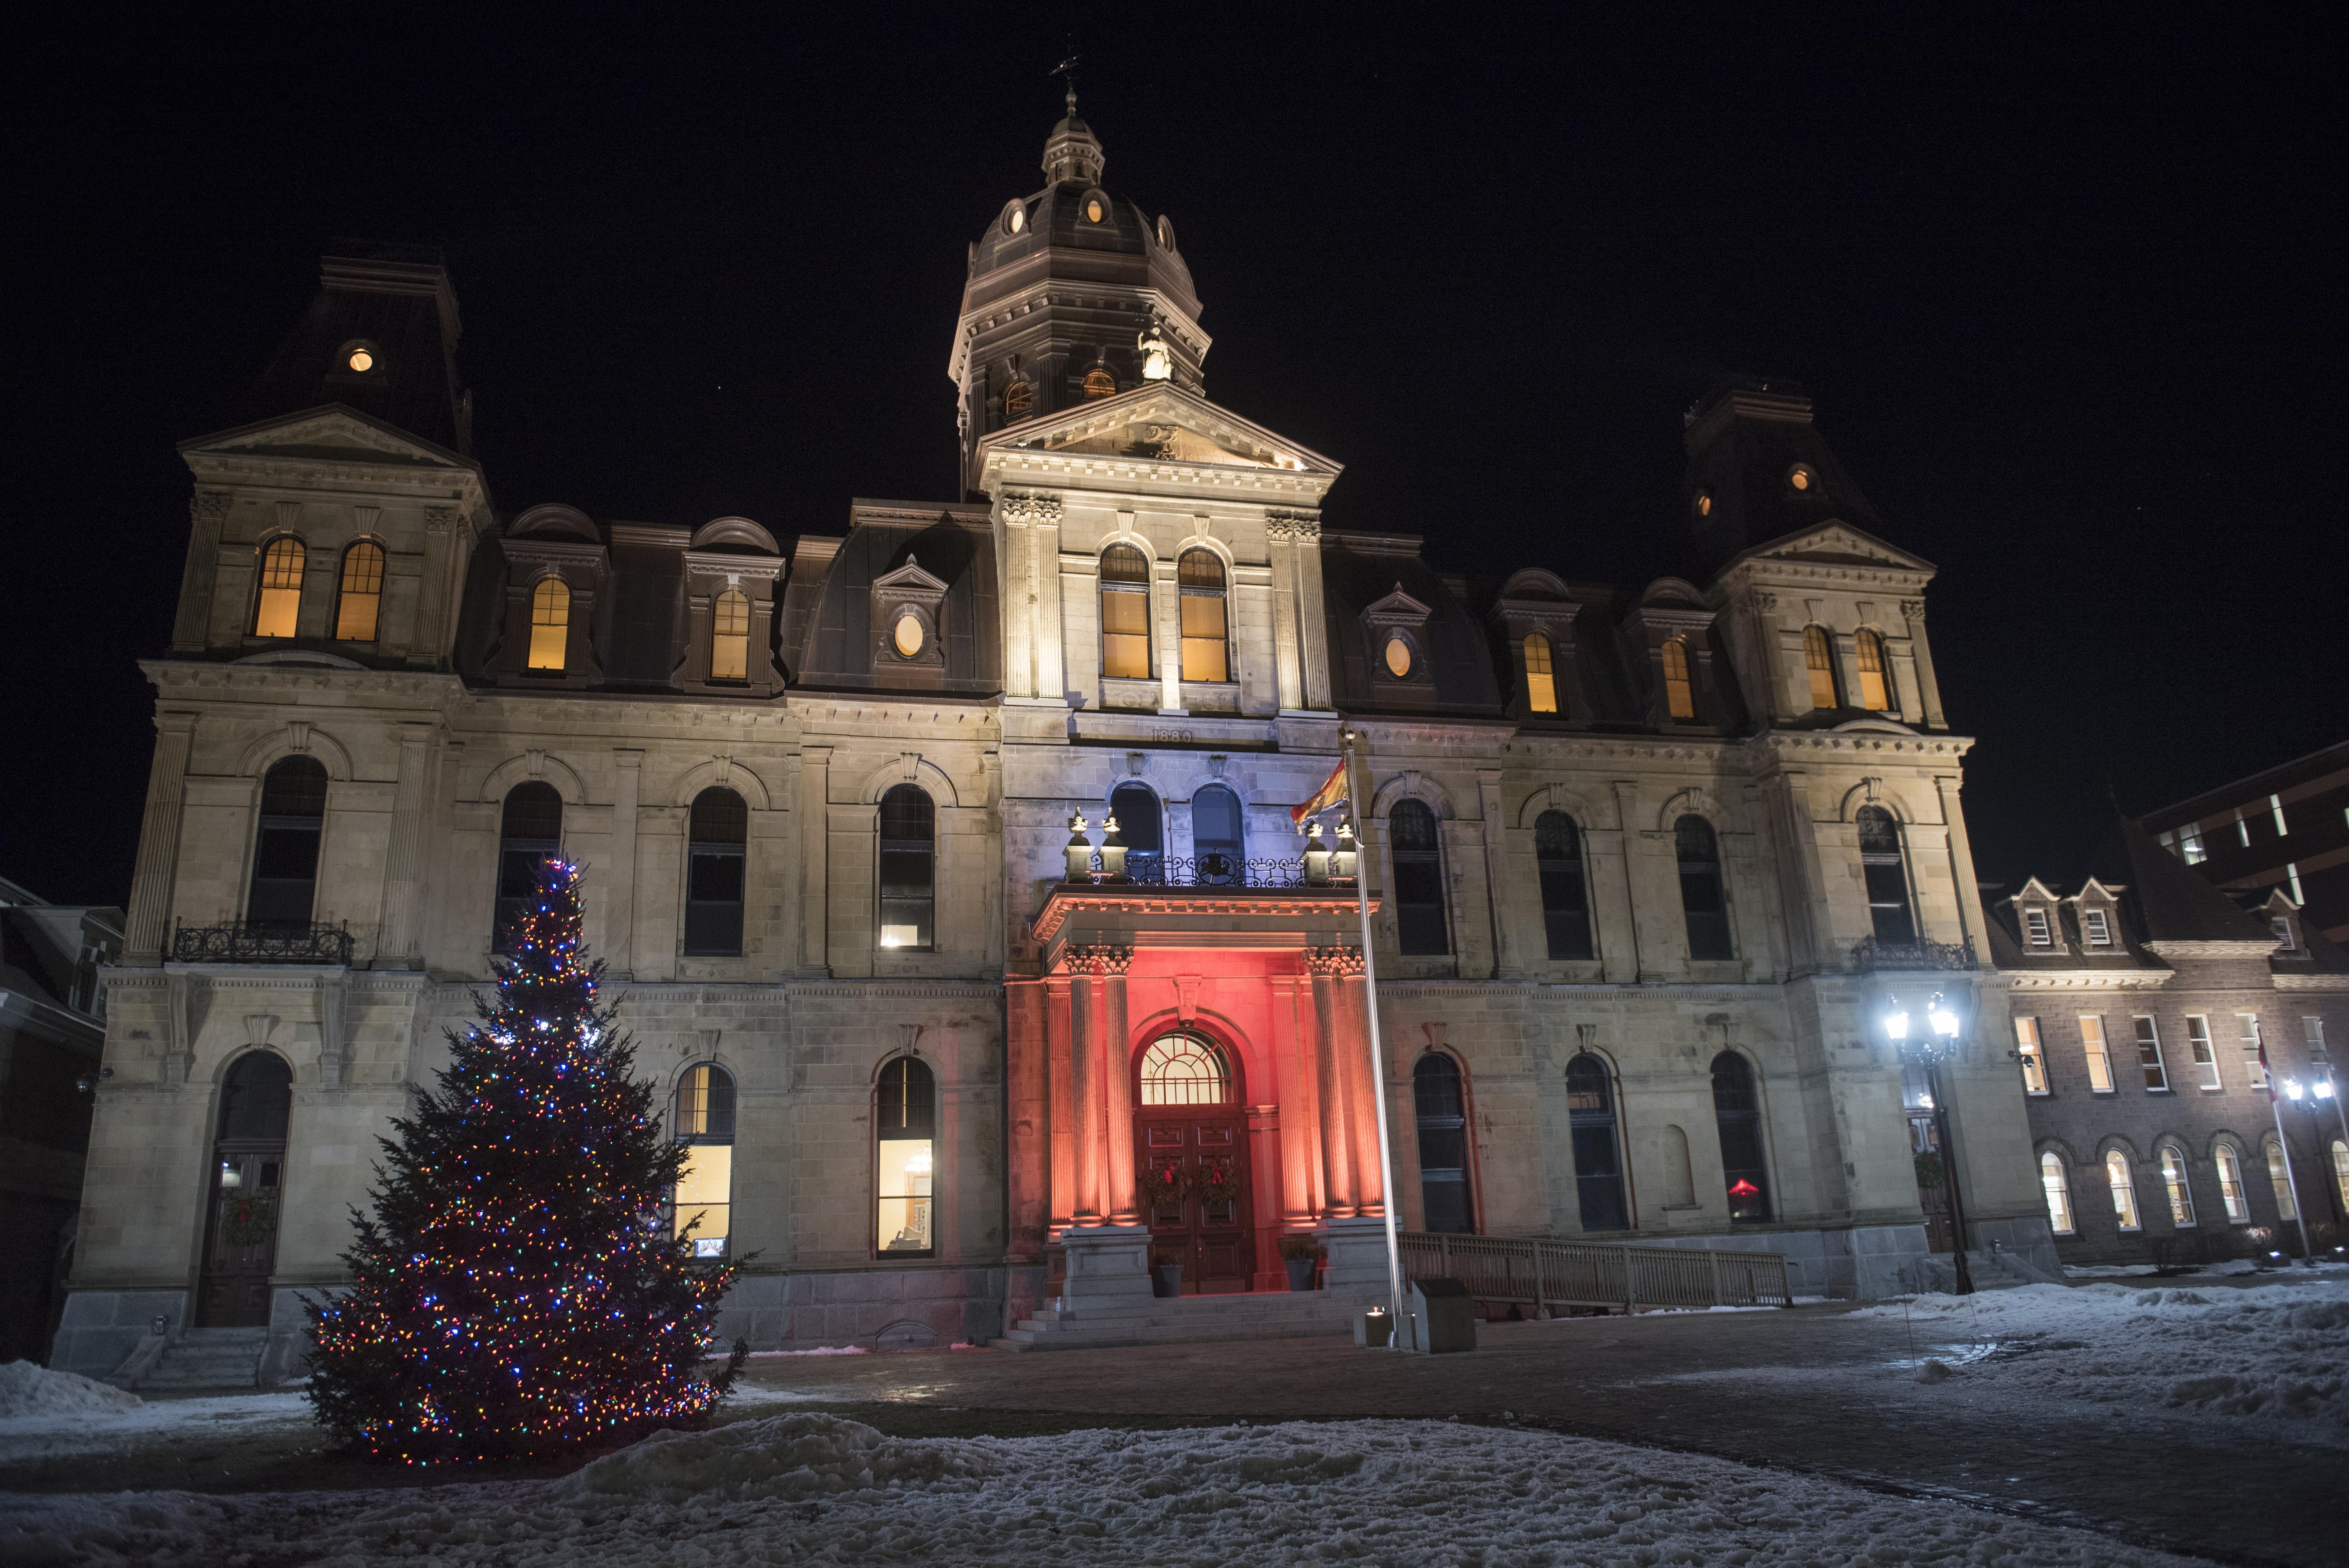 Cérémonie d'illumination de l'arbre de Noël à l'Assemblée législative